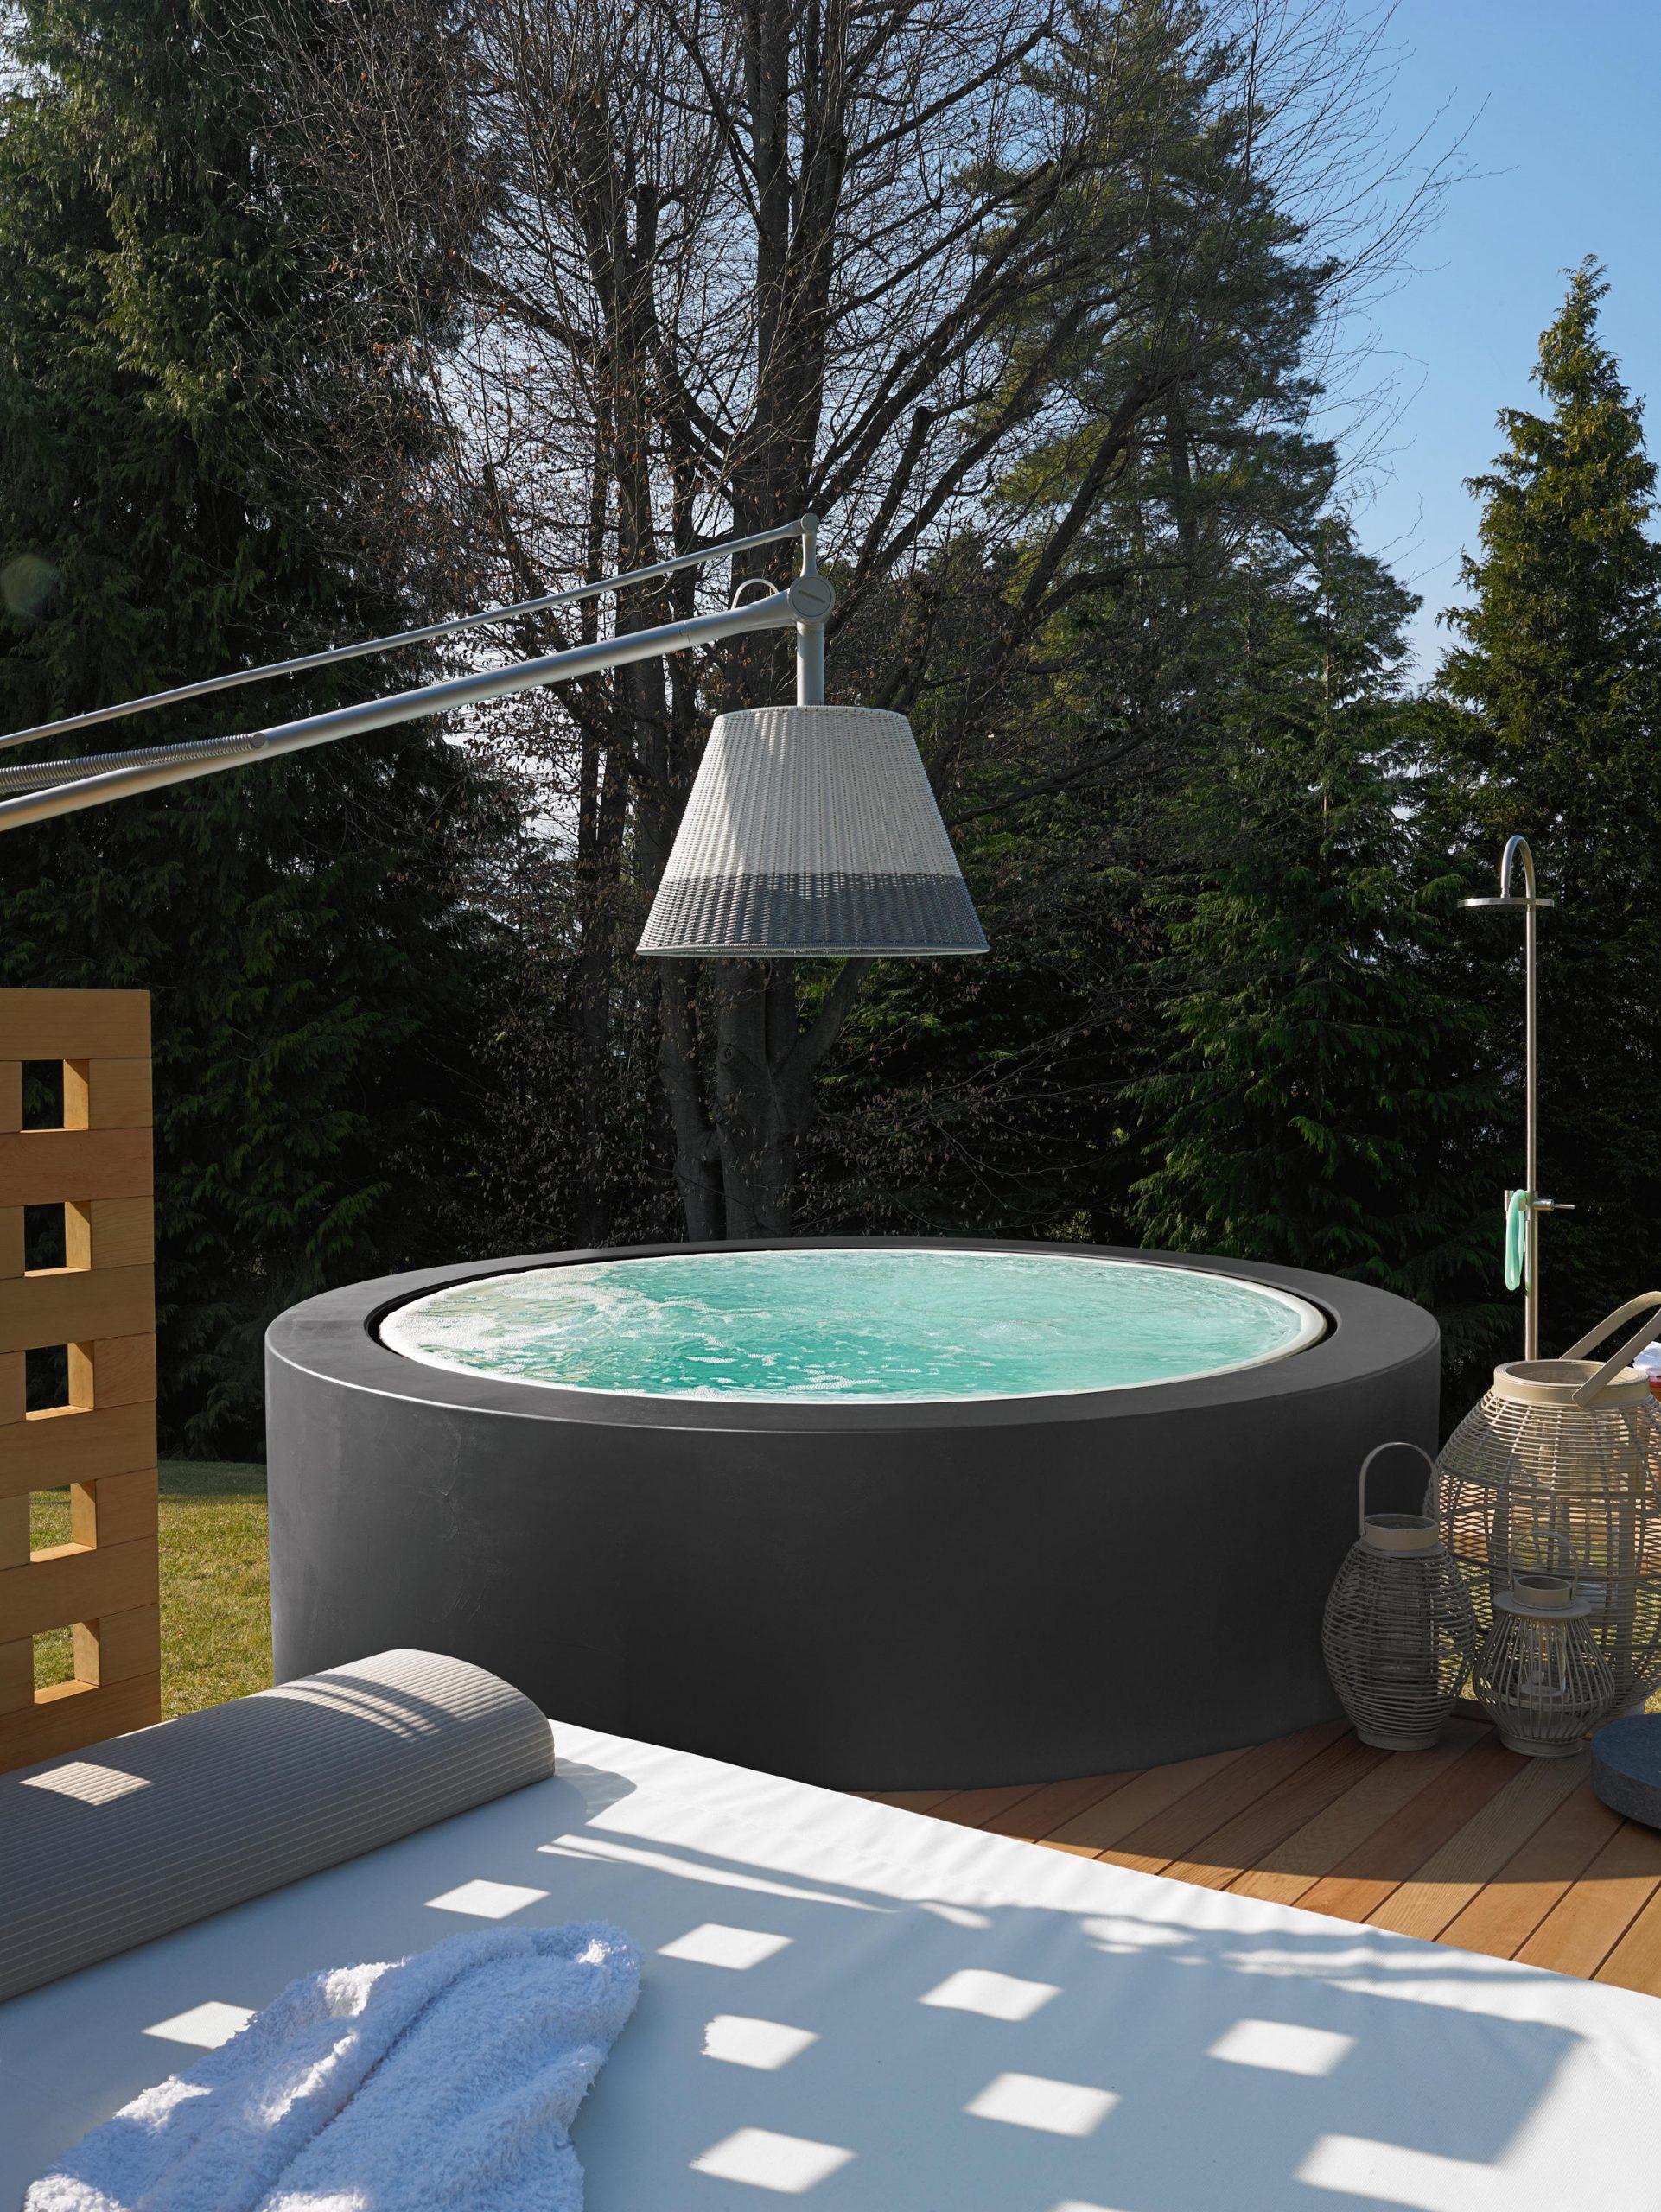 Full Size of Mini Pool Garten Minipool Hochwertige Designer Architonic Schwimmingpool Für Den Bett Minimalistisch Sichtschutz Wpc Beistelltisch Aufbewahrungsbox Klapptisch Garten Mini Pool Garten